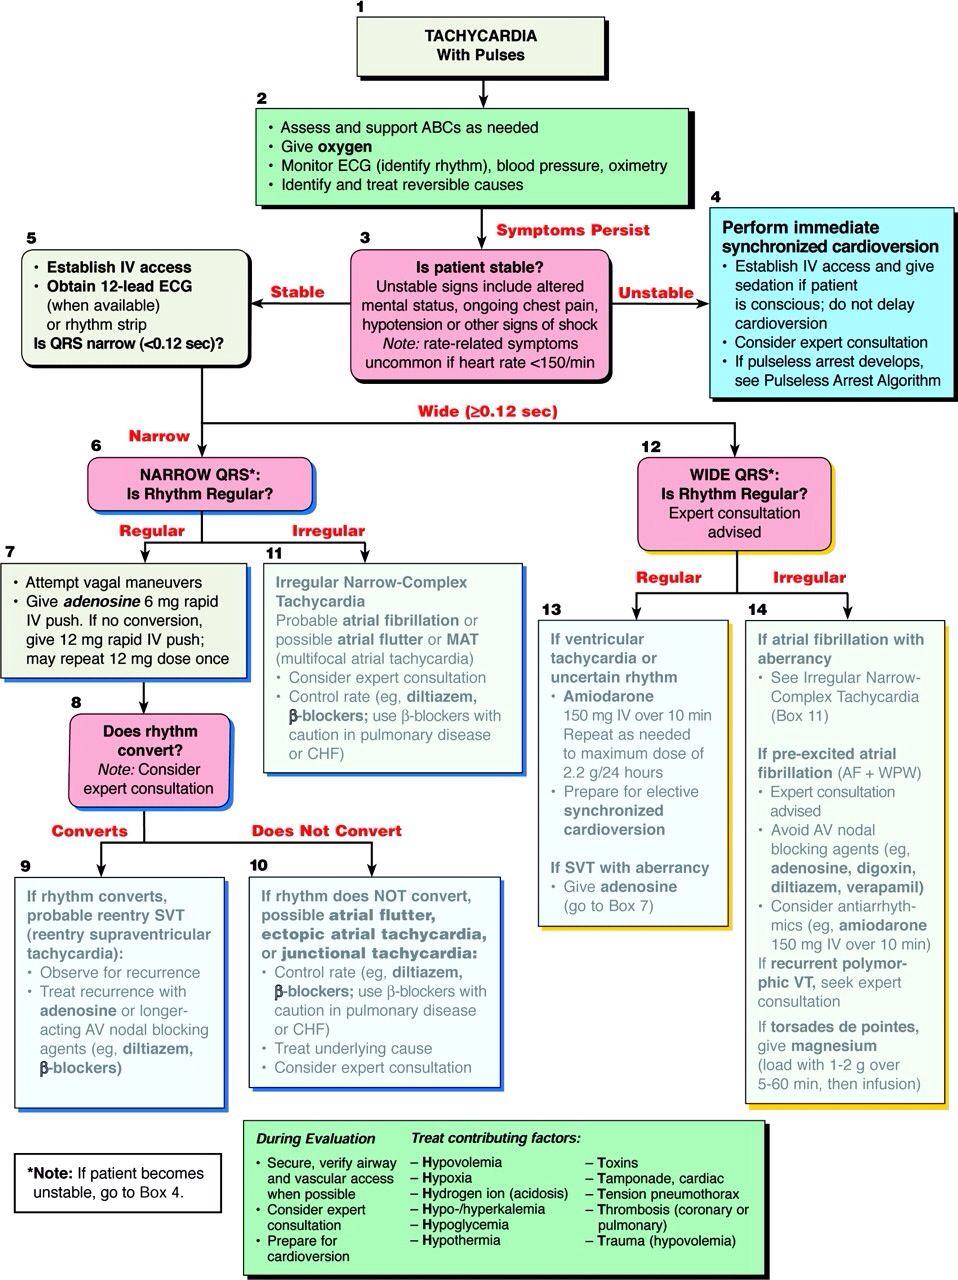 Tachycardia with pulse   Acls algorithm Acls ...